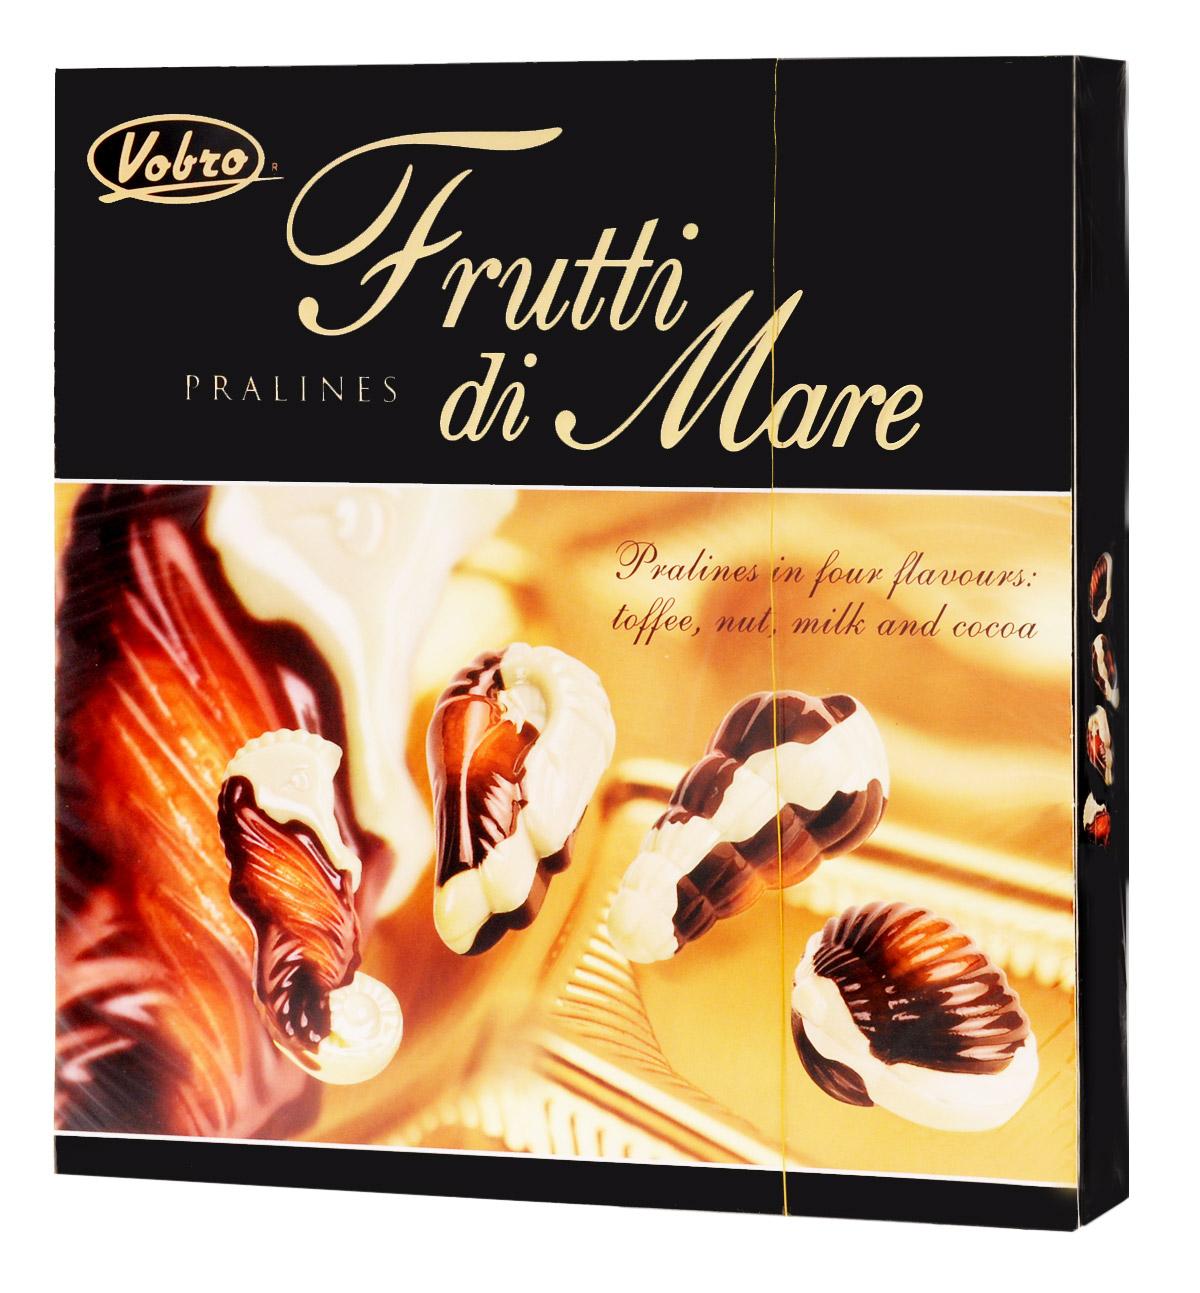 Vobro Frutti di Mare набор шоколадных конфет в виде морских ракушек, 250 г9351Уникальная форма и неповторимый вкус… Такими являются конфеты Vobro Frutti di Mare в виде морепродуктов. Прекрасная композиция белого и черного шоколада, и к тому же начинка 4 вкусов: какао, ореховый, молочный и тоффи. Vobro Frutti di Mare - это значимый подарок, с помощью которого легко показать, как сильно вам дорог человек.